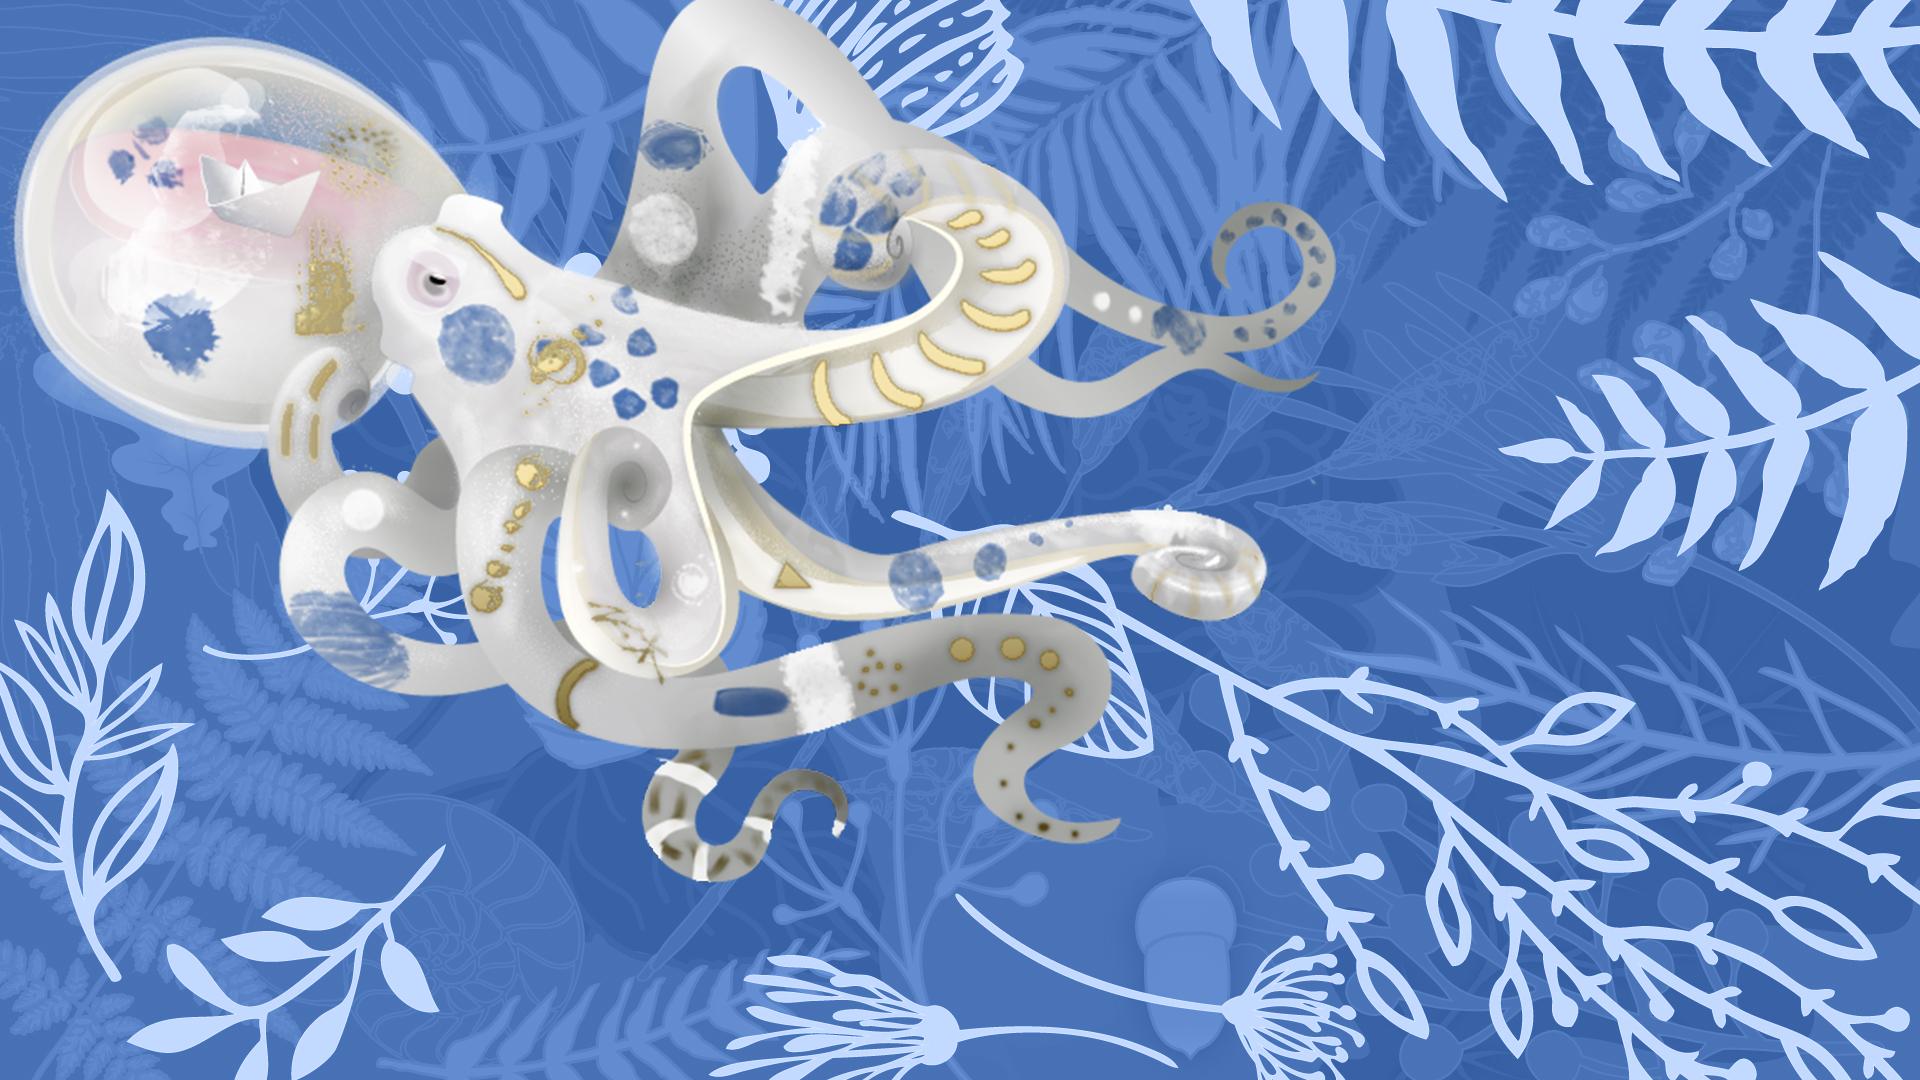 Festival tribus libres 2018 - illustration - bandeau-motif-feuillage-POUPLE-bleu